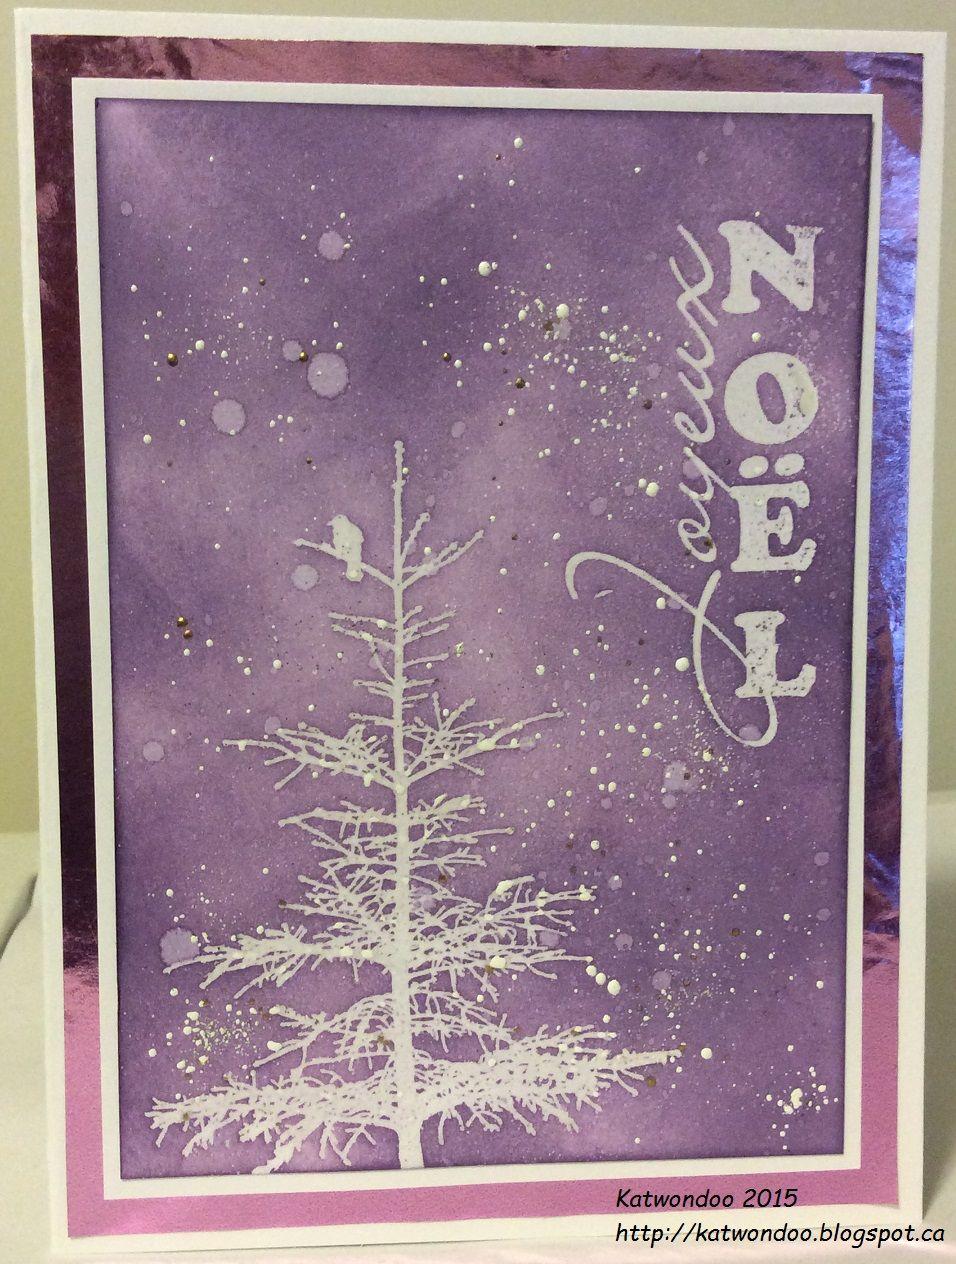 Ma Carte De Noel.Bonjour à Tous Aujourd Hui Je Vous Présente Ma Dernière